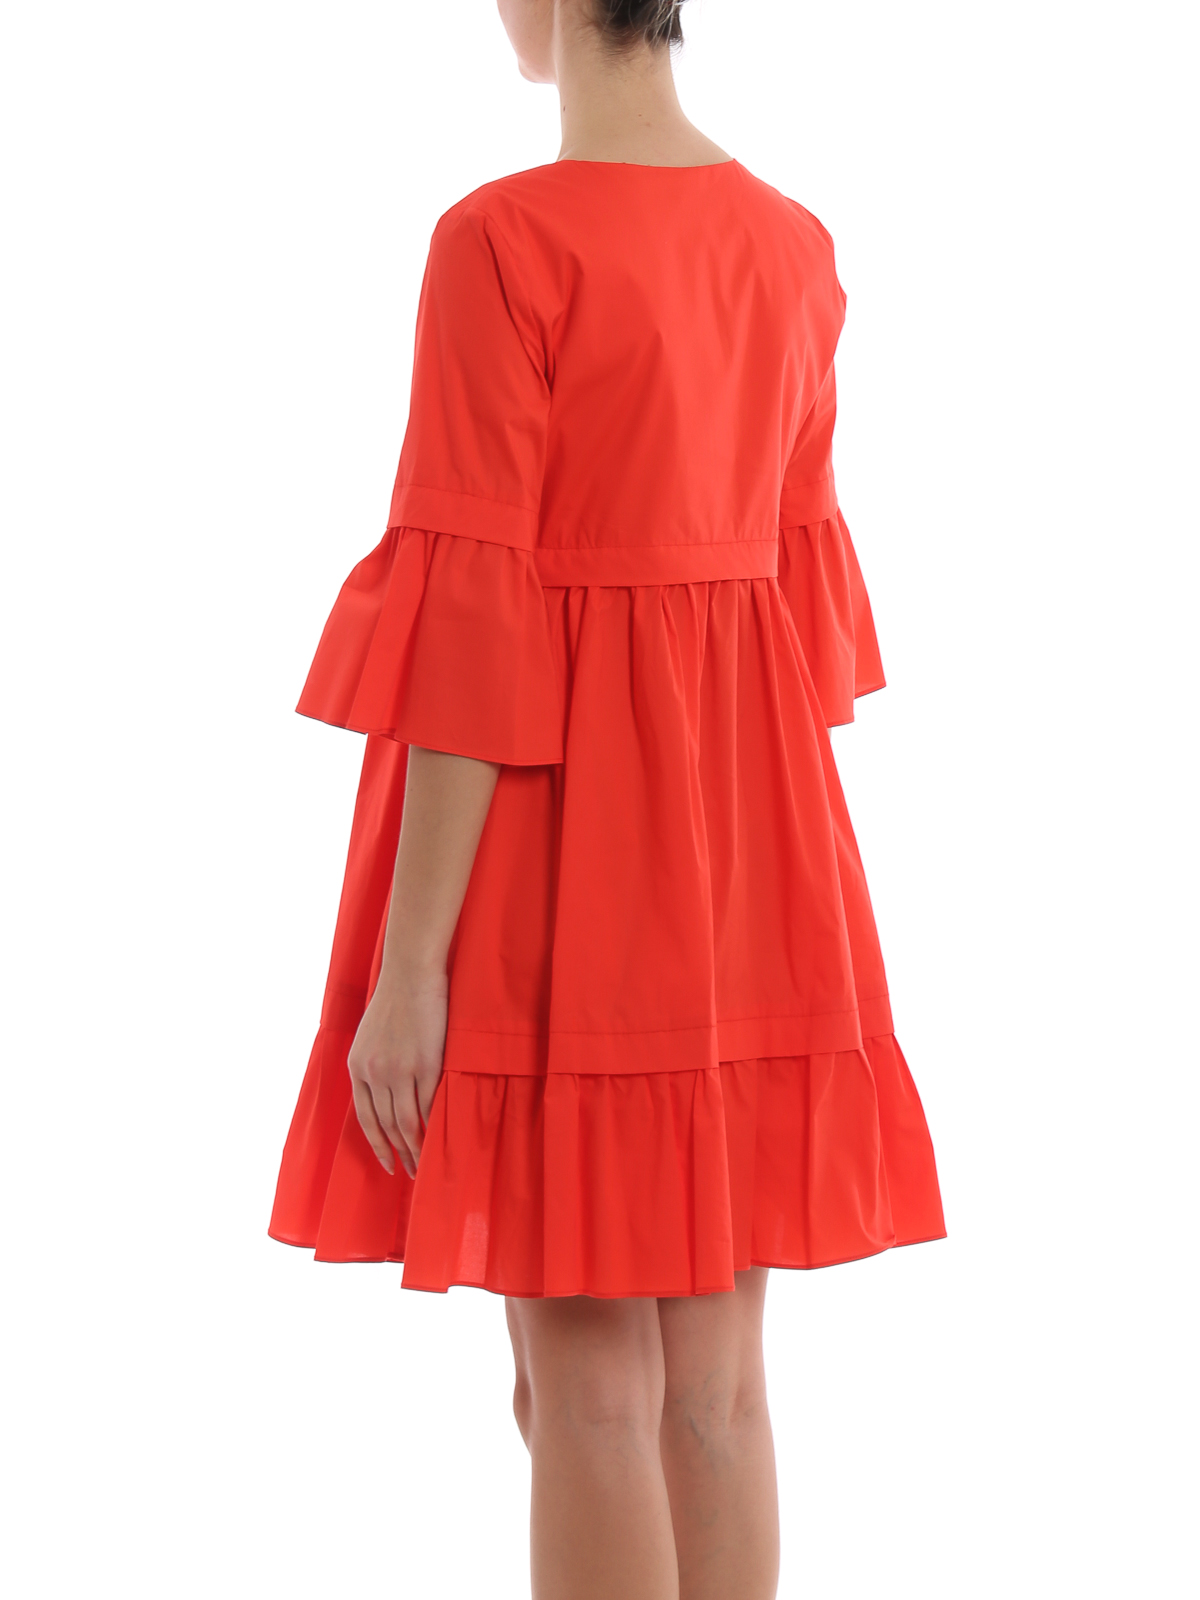 Kurze Kleider Twinset   Kurzes Kleid   Rot   9TT9 ...